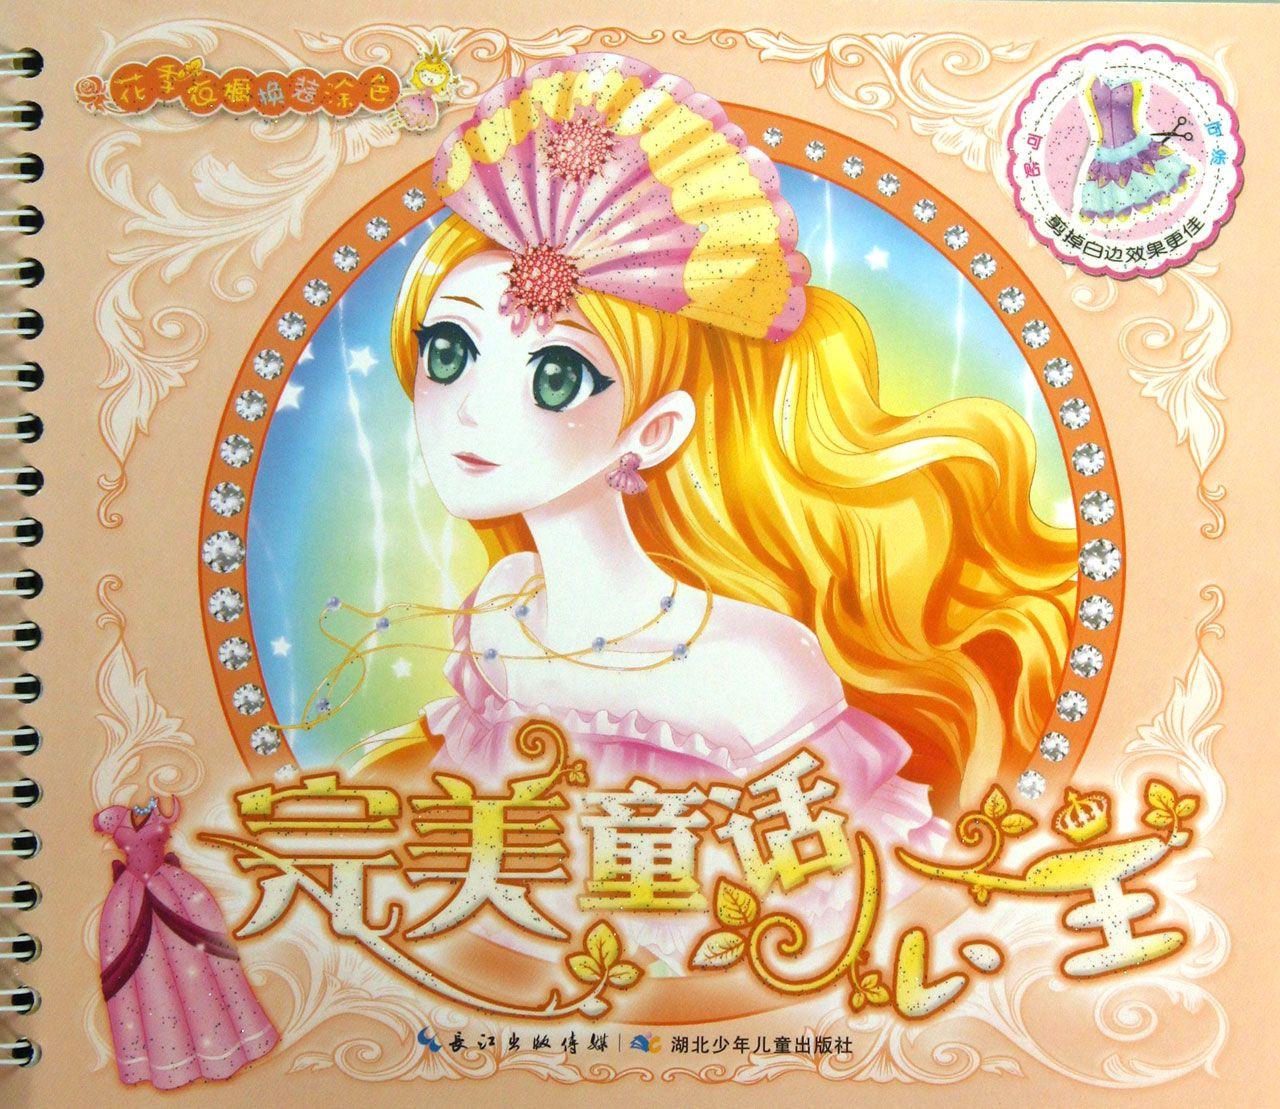 完美童话公主图片